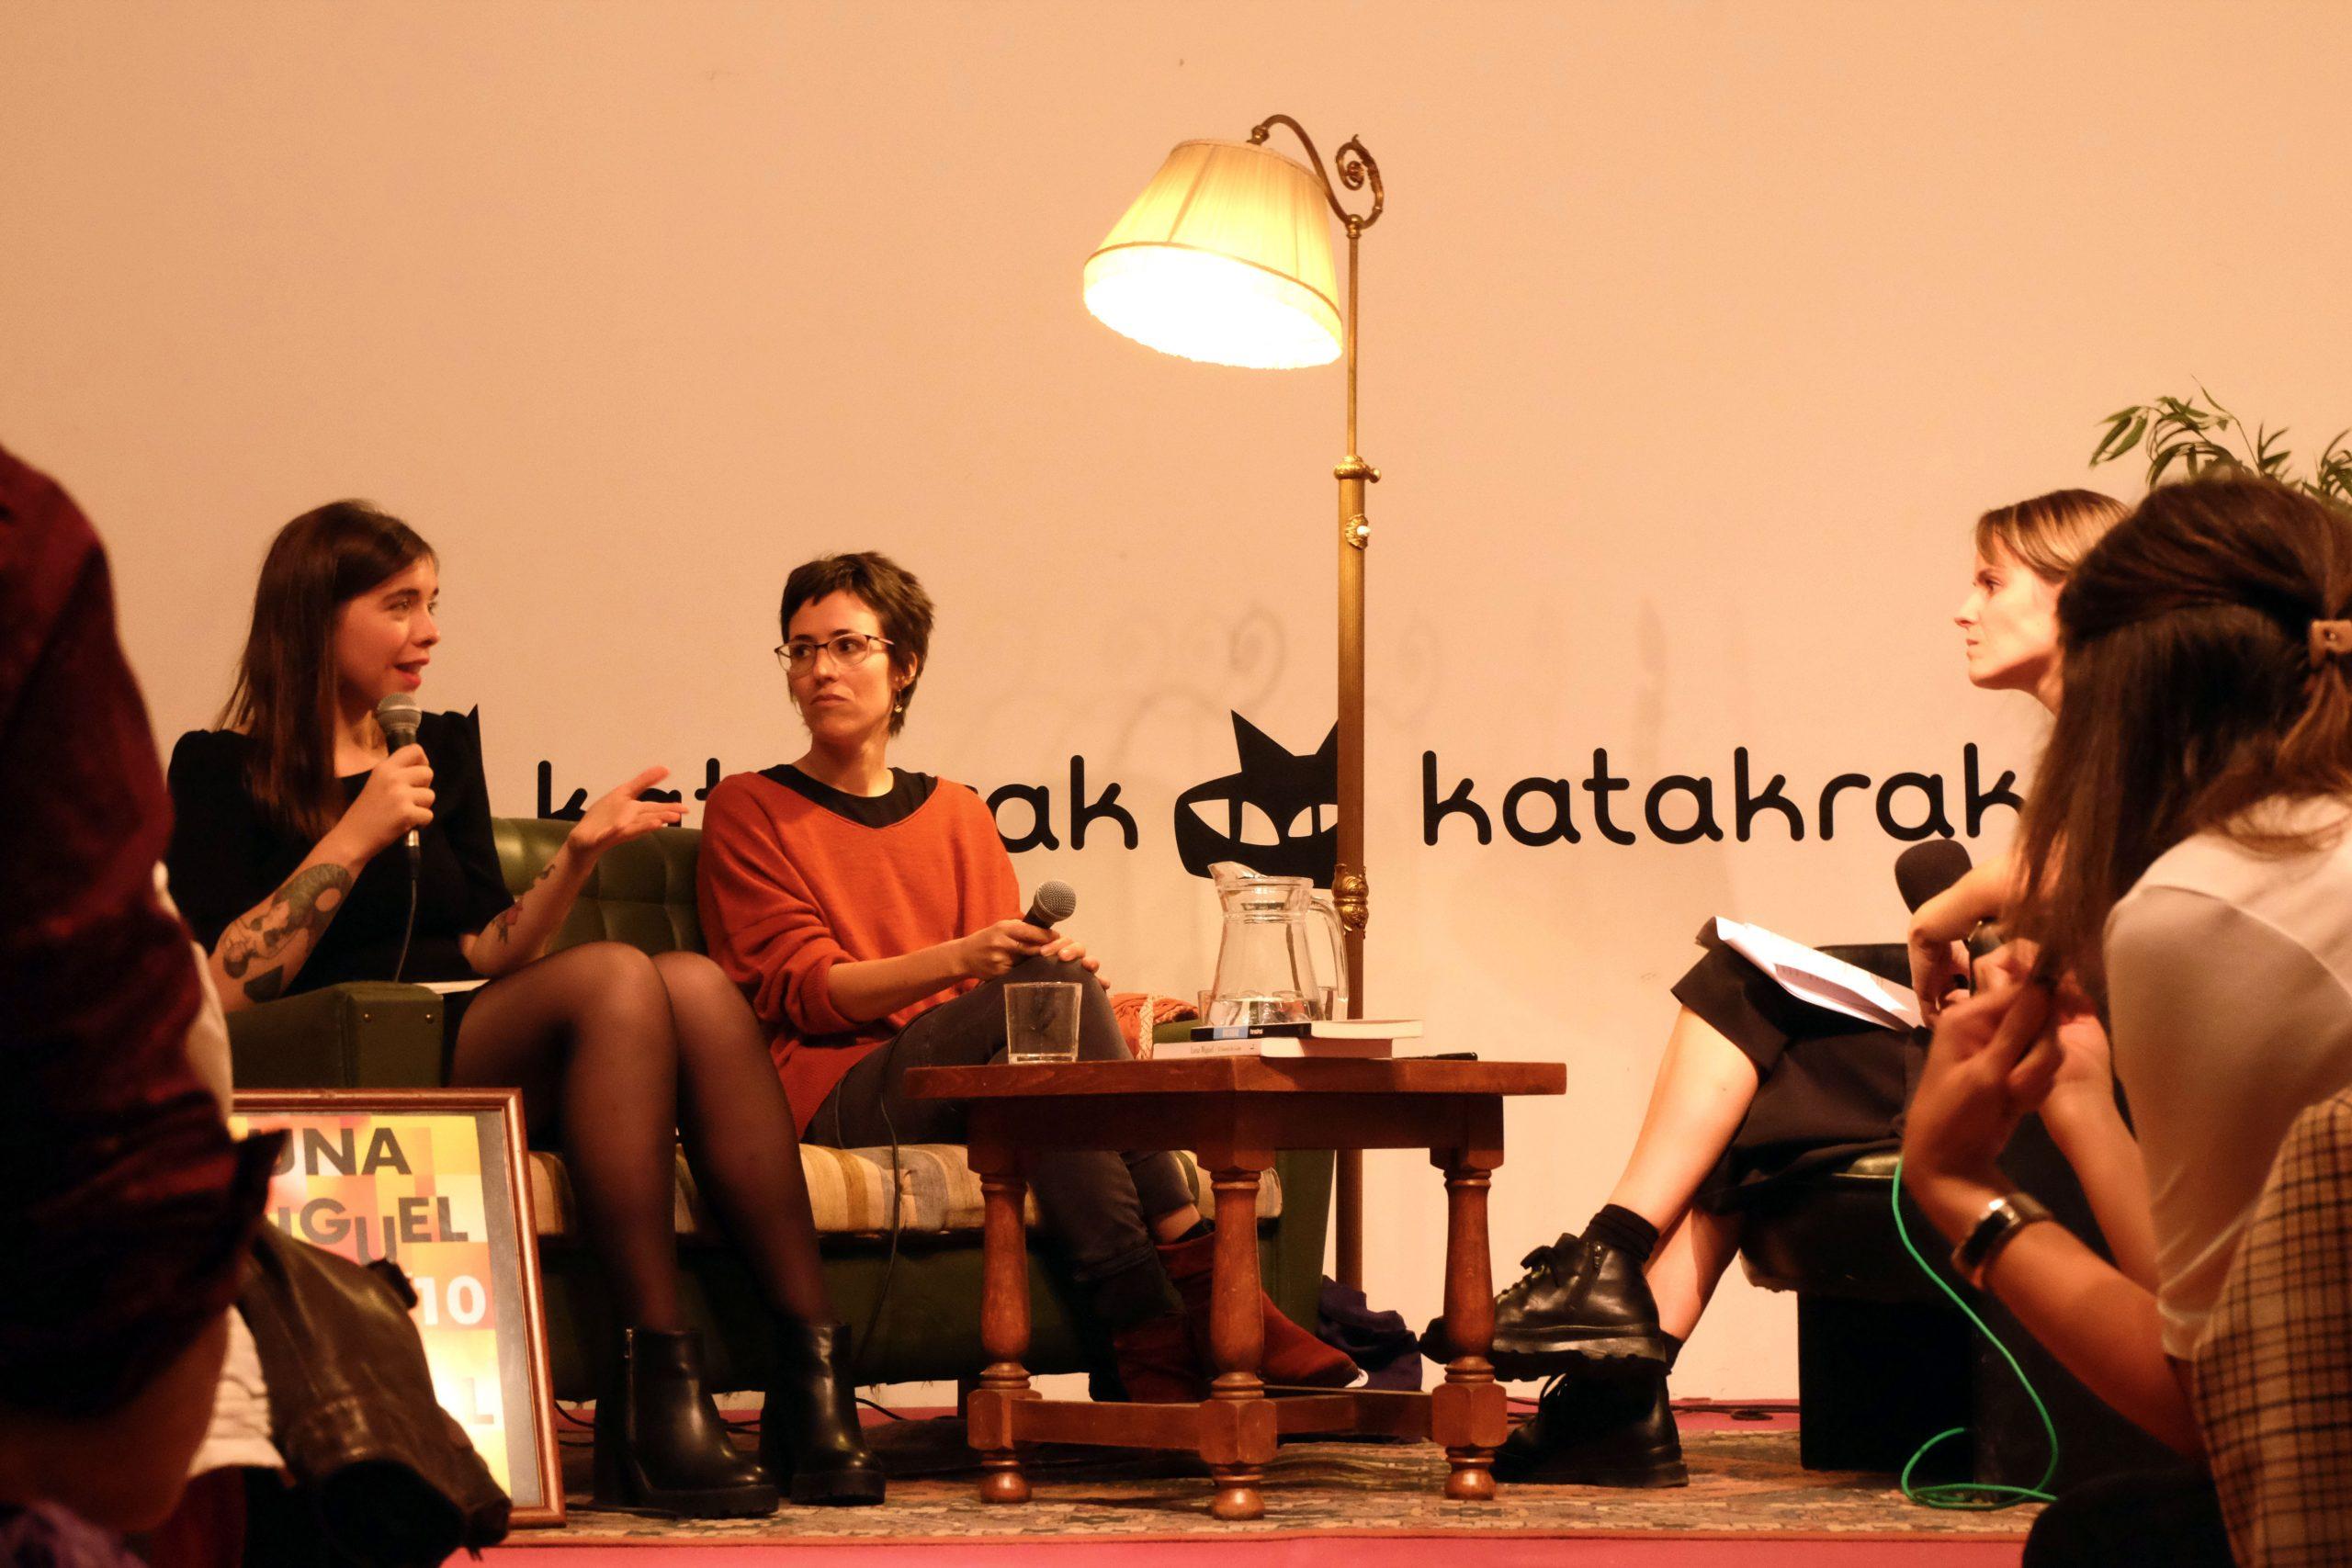 Luna Miguel hablando con el micrófono junto a Eva Baltasar durante el encuentro Letraheridas 2019 en Katakrak.